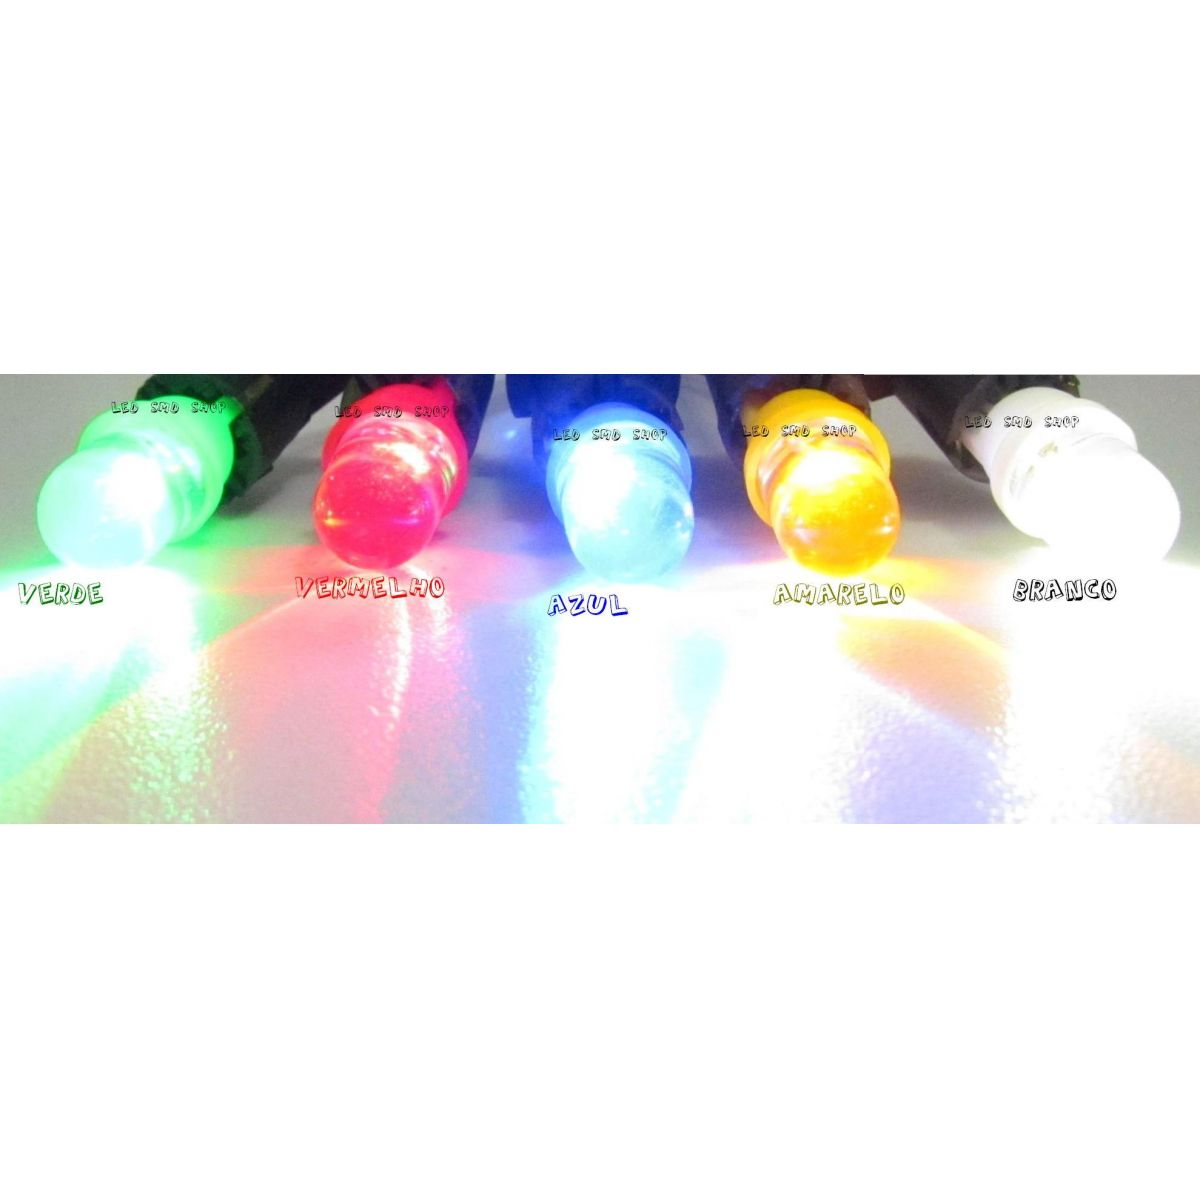 100 x Lâmpada Pingo 1 Led T10 W5w Esmagadinha 5 Cores A Escolher